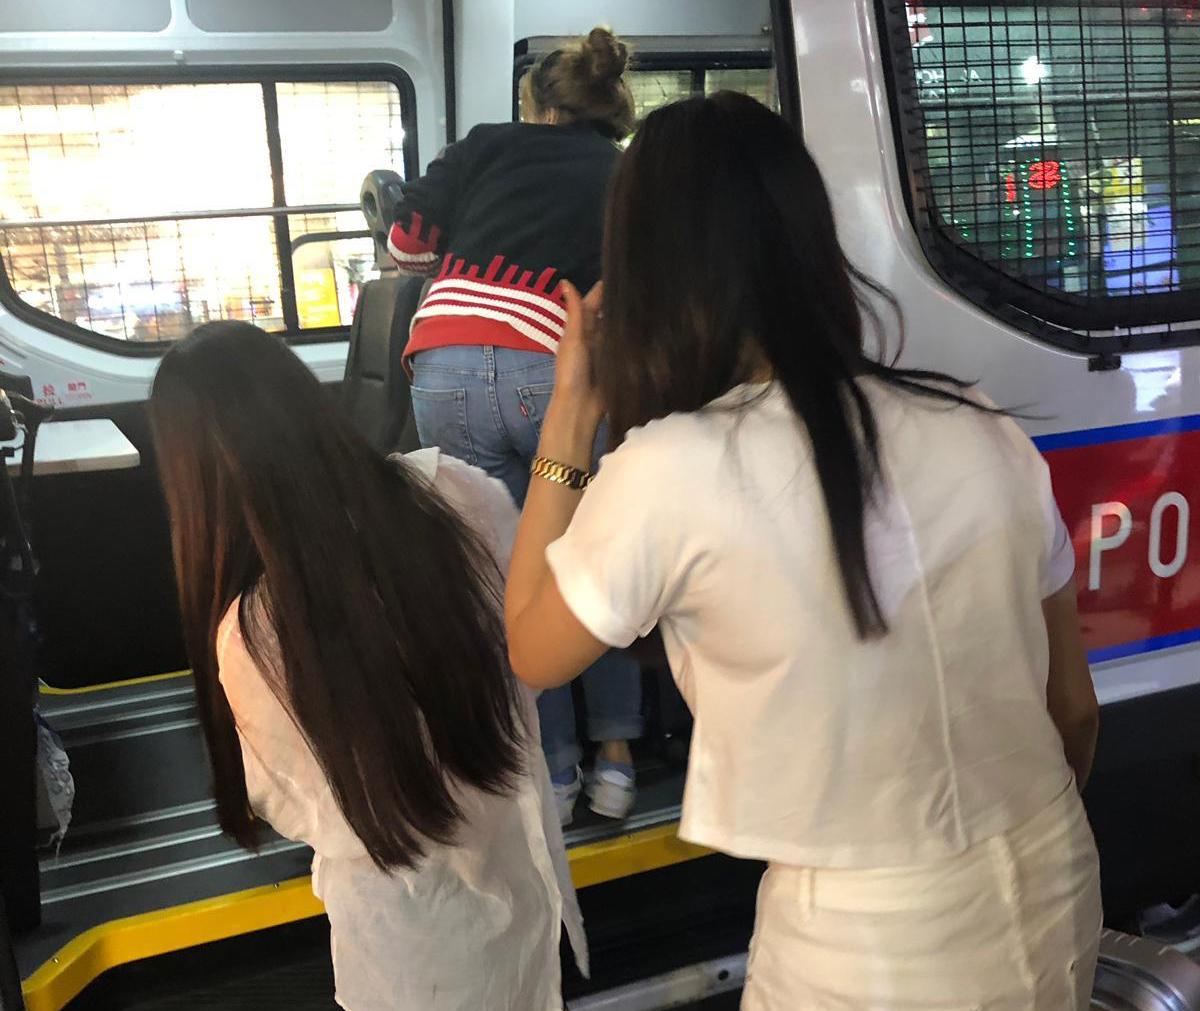 被捕女子現正被扣留調查。 警方提供